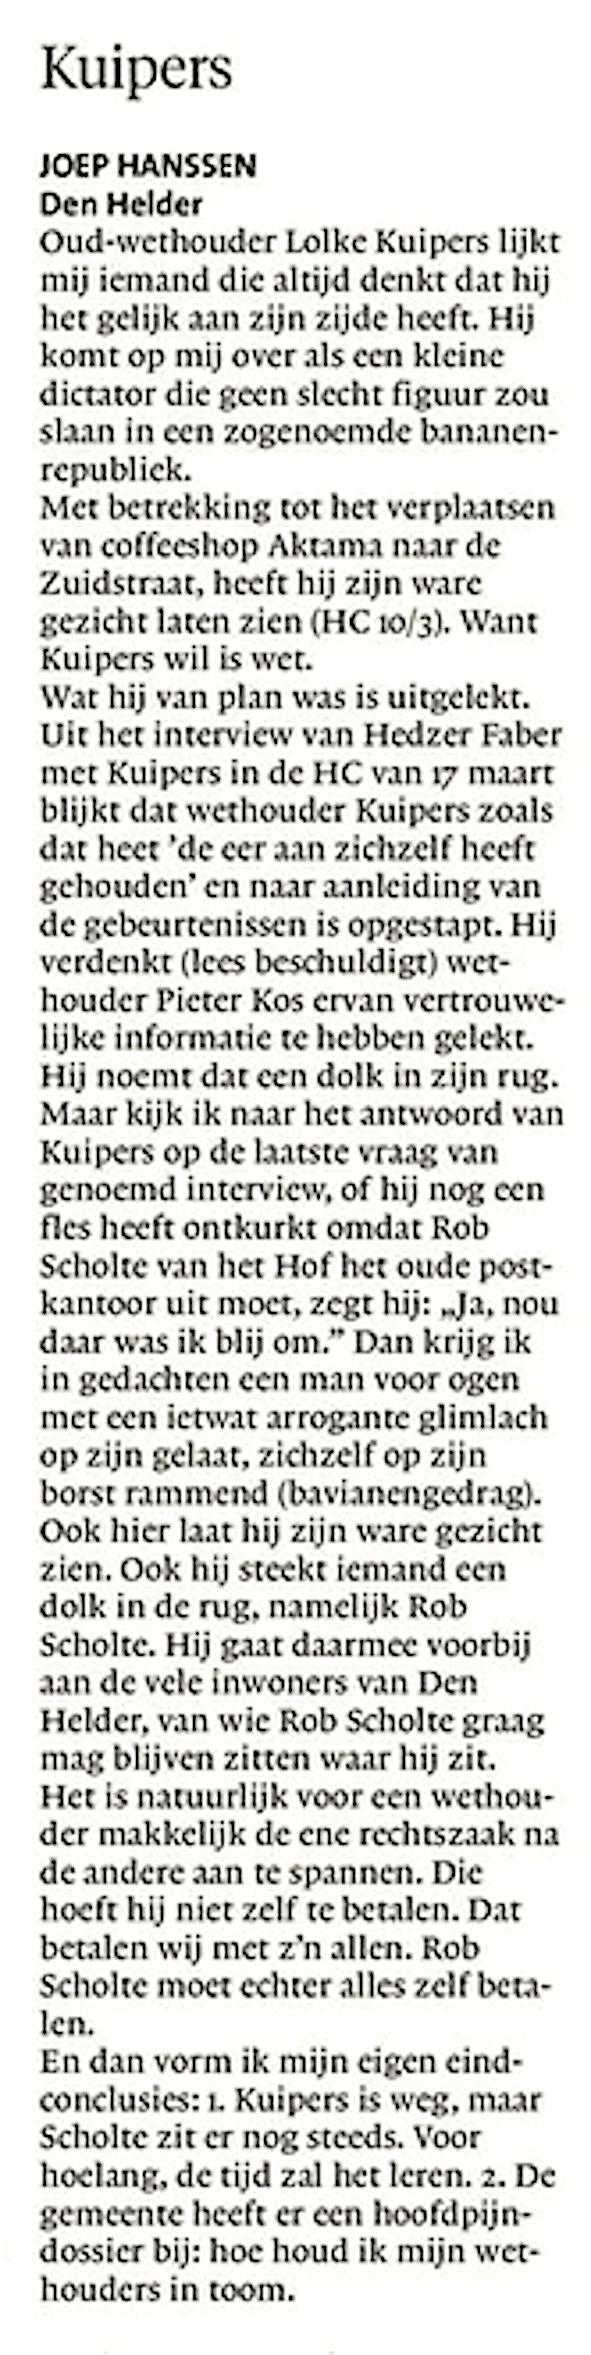 Helderse Courant, 24 maart 2108